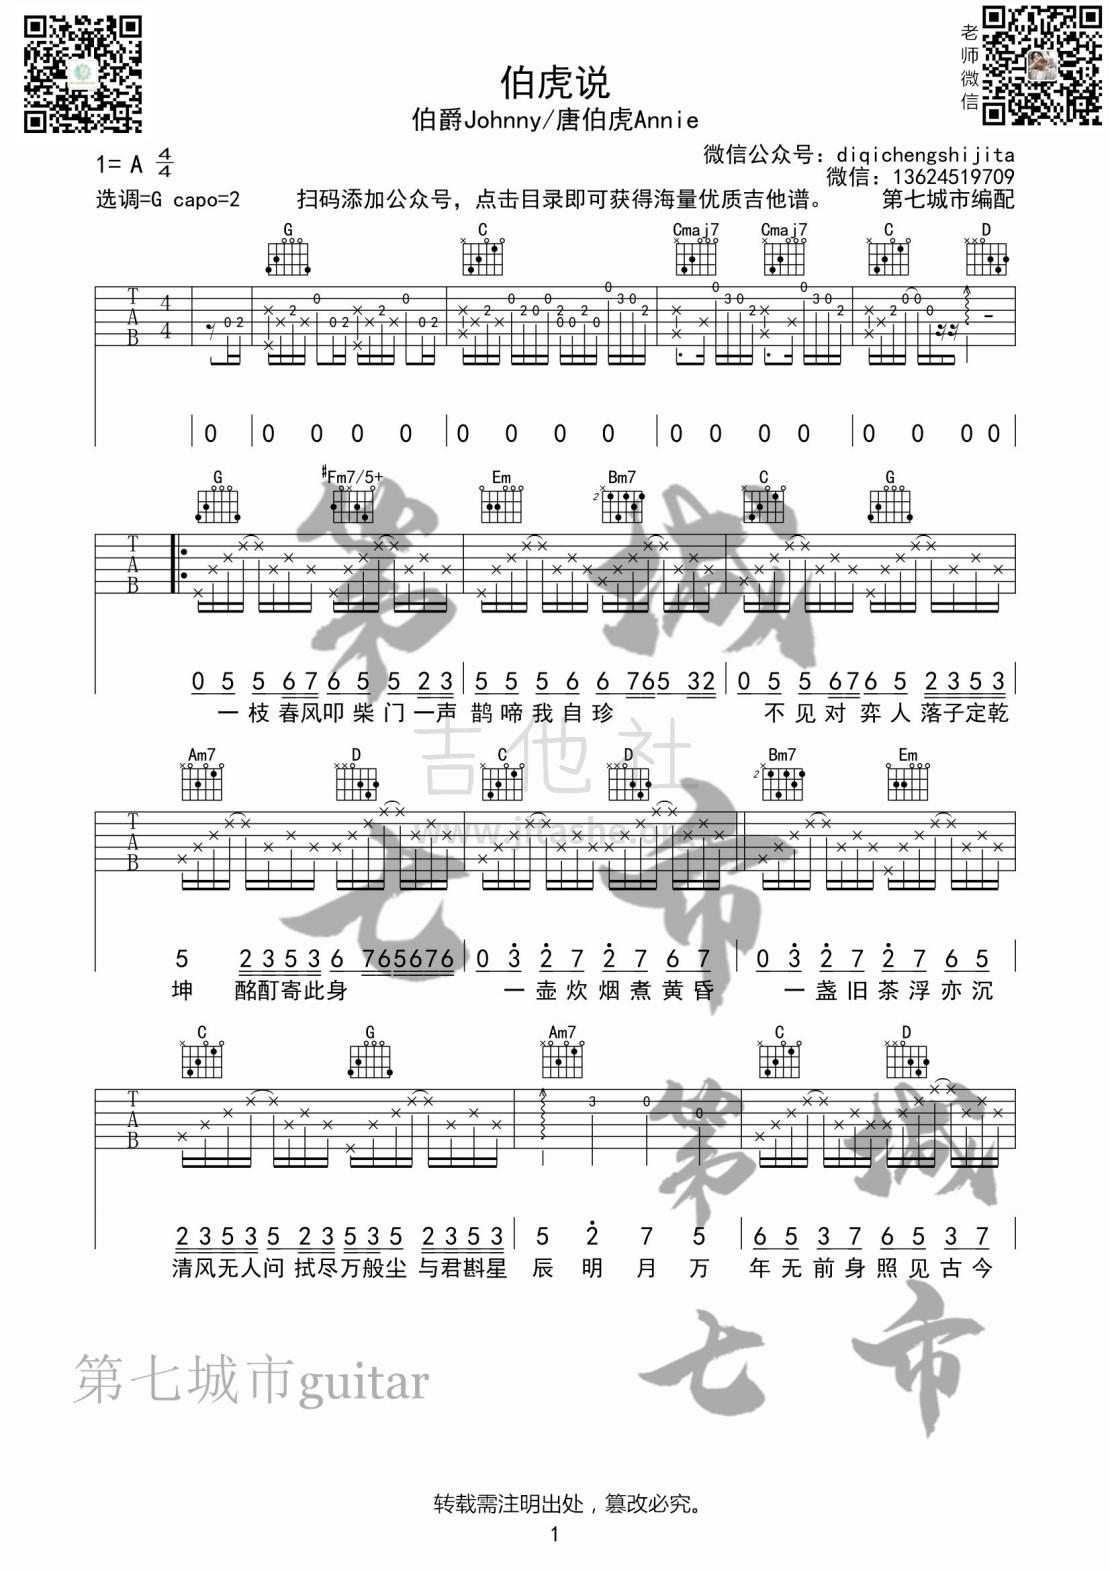 伯虎说吉他谱(图片谱,伯虎说,吉他谱,唐伯虎)_伯爵Johnny_伯虎说二维码01_.jpg